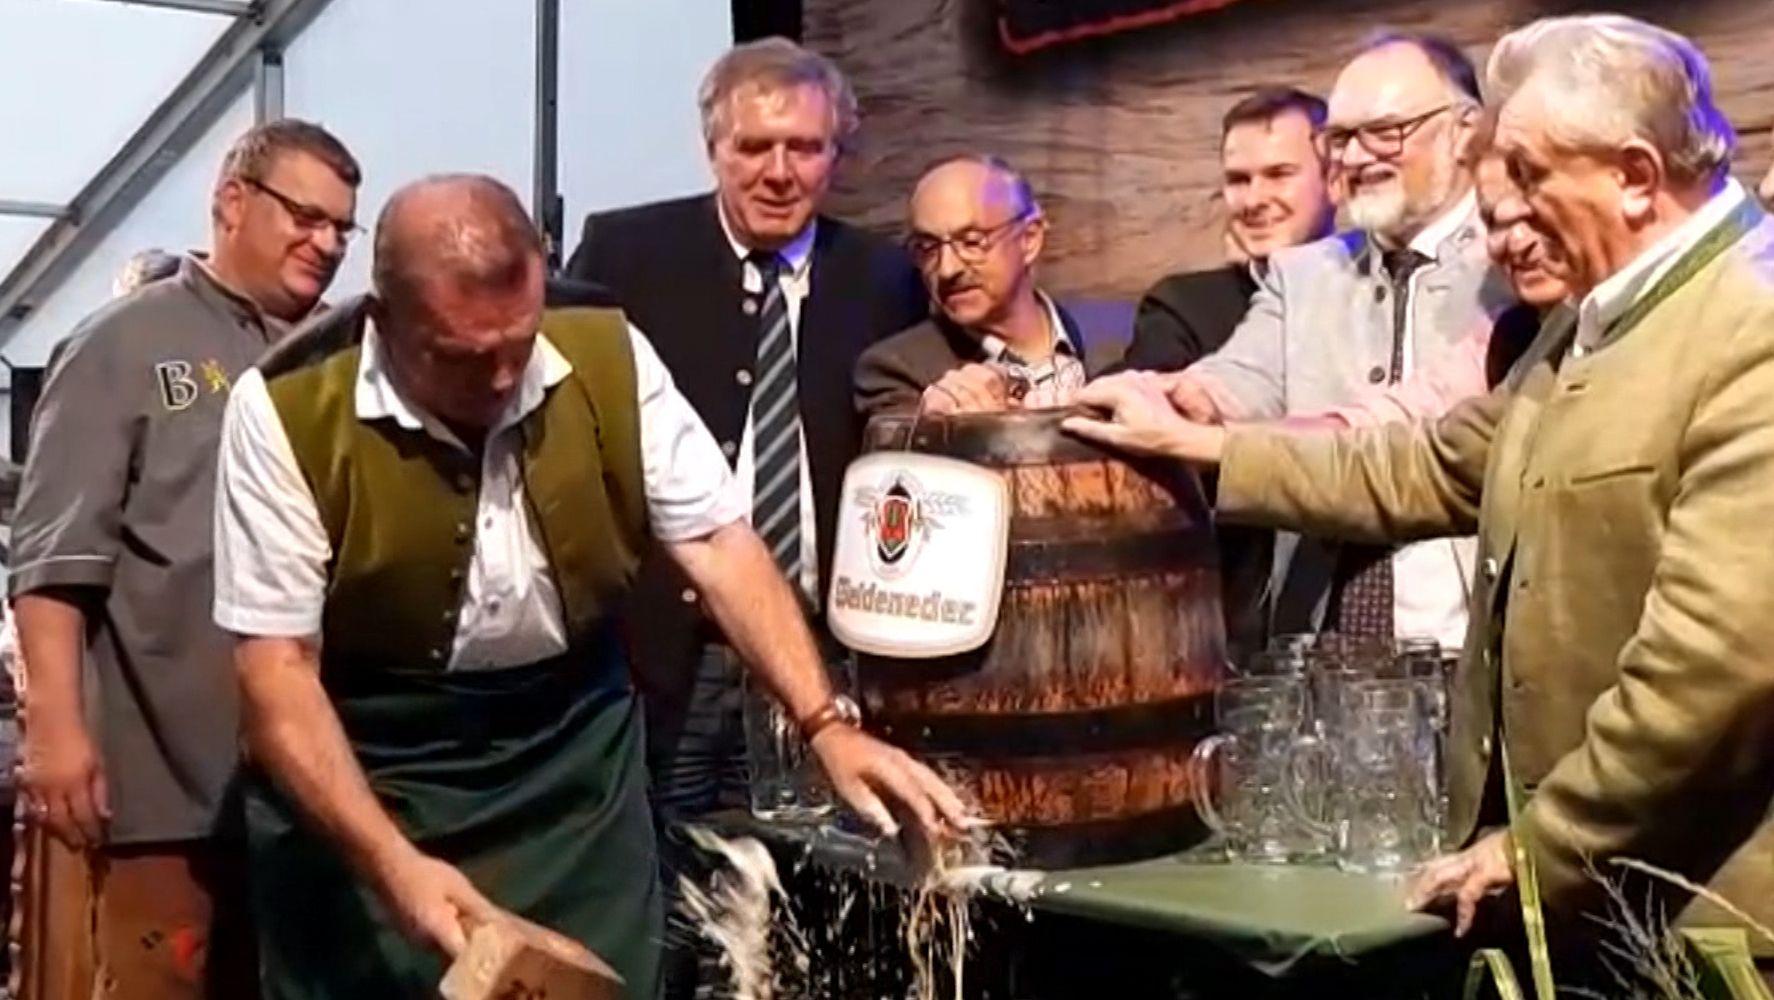 Karpfhamer Fest 2019: Vor zahlreichen Ehrengästen ist Bürgermeister Jürgen Fundke (ÜW) eine Panne beim Anzapfen passiert